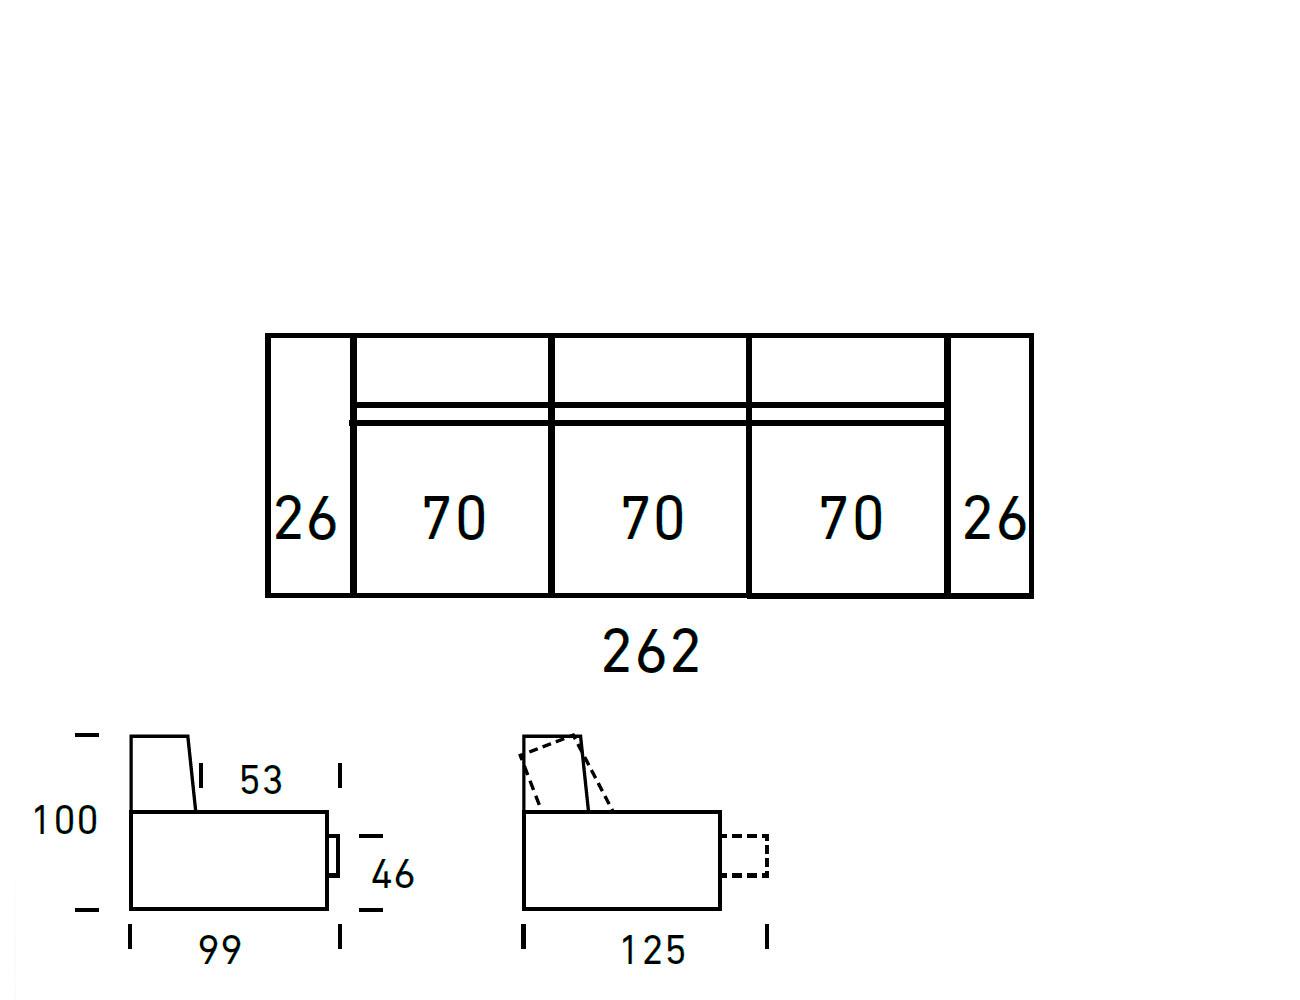 Croquis sofa 3 plazas 262